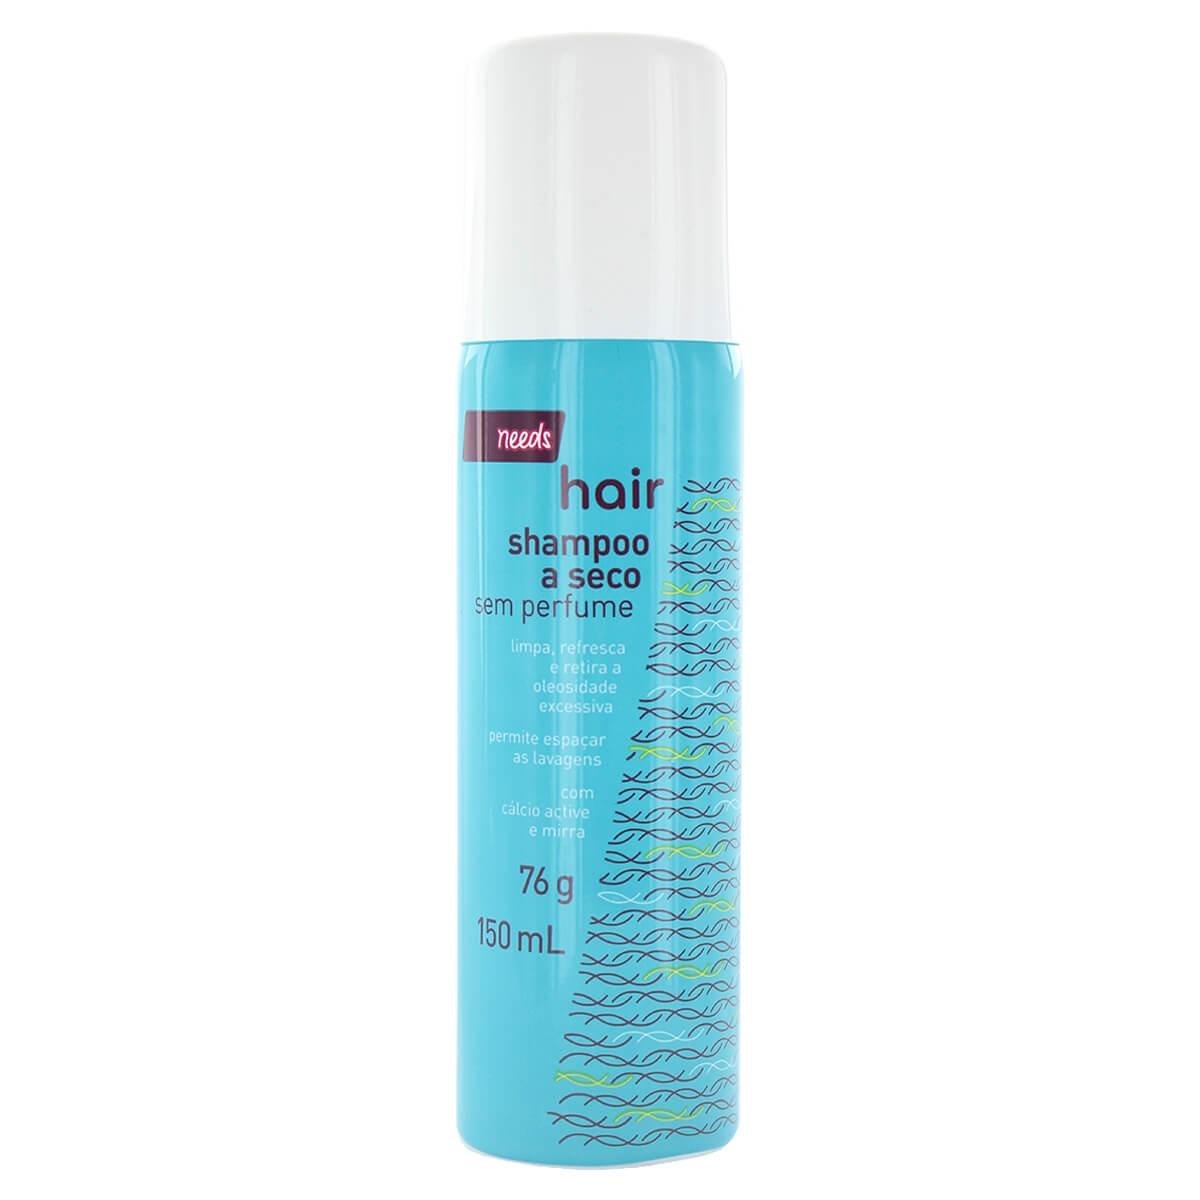 Shampoo a Seco Needs Sem Perfume com 150ml 150ml